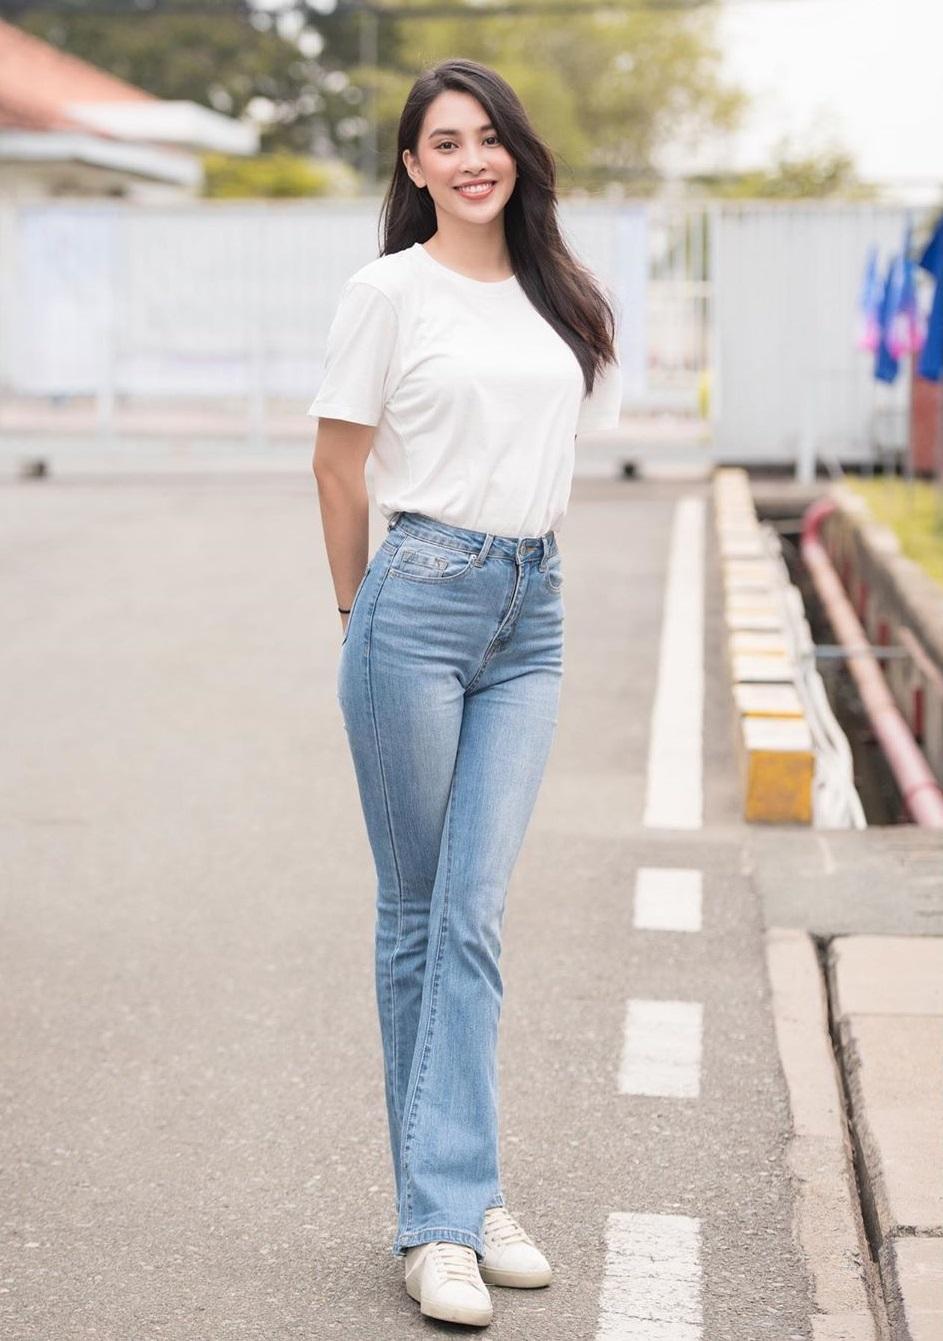 Quần jeans và áo thun